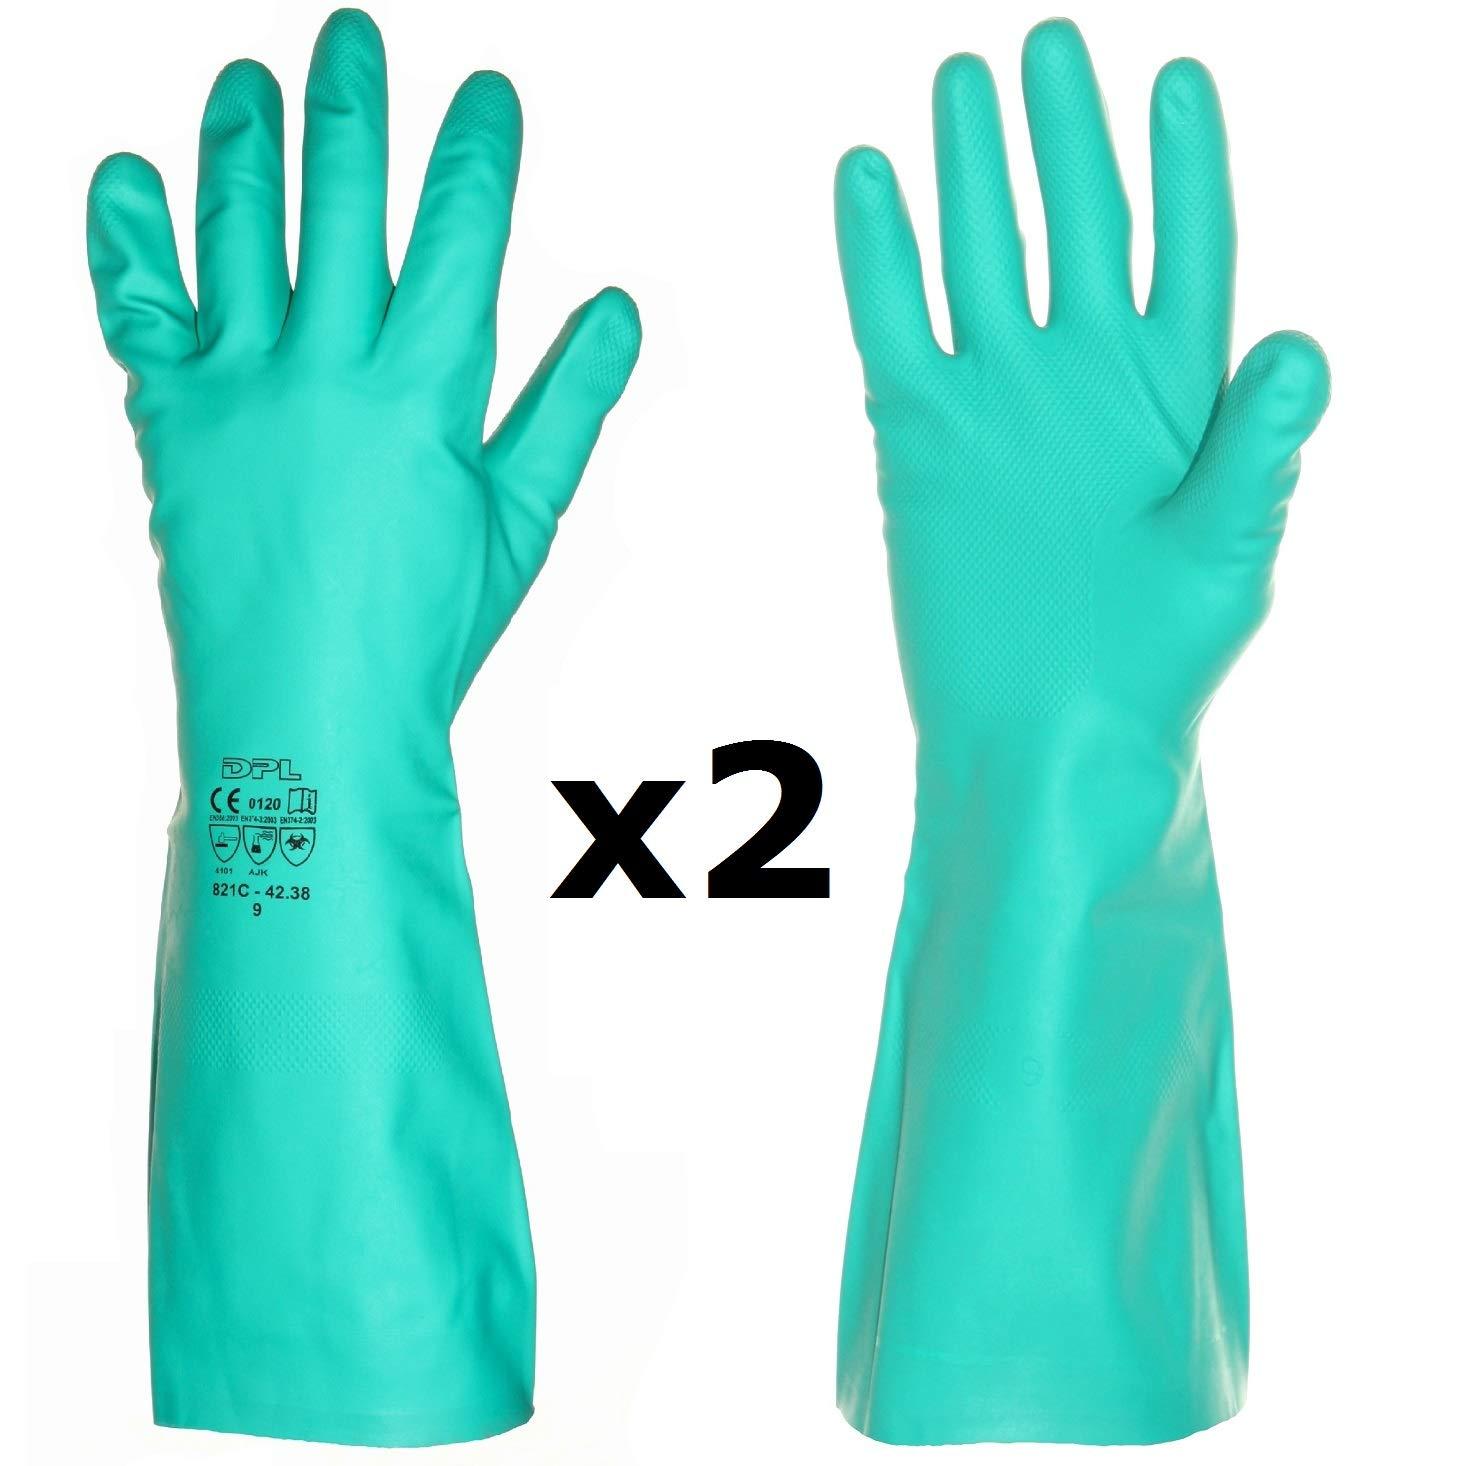 1 Paio, 8M bagno pulizia, Guanti lunghi di gomma professionali da nitrile laboratorio industria per cucina